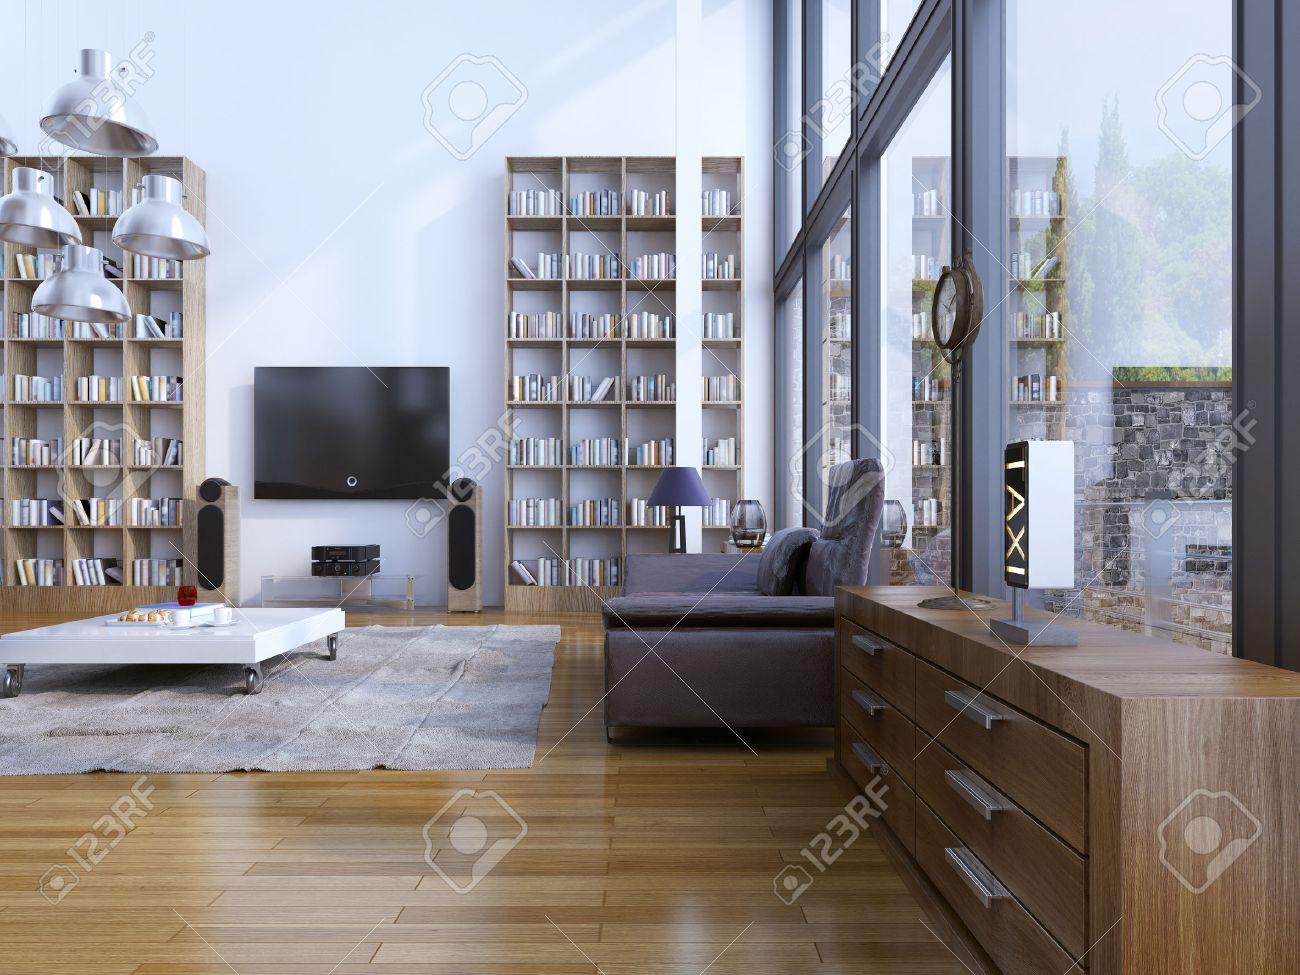 Salon de style moderne. Vie contemporain avec des meubles design, du sol au  plafond et des fenêtres panoramiques. 3D render